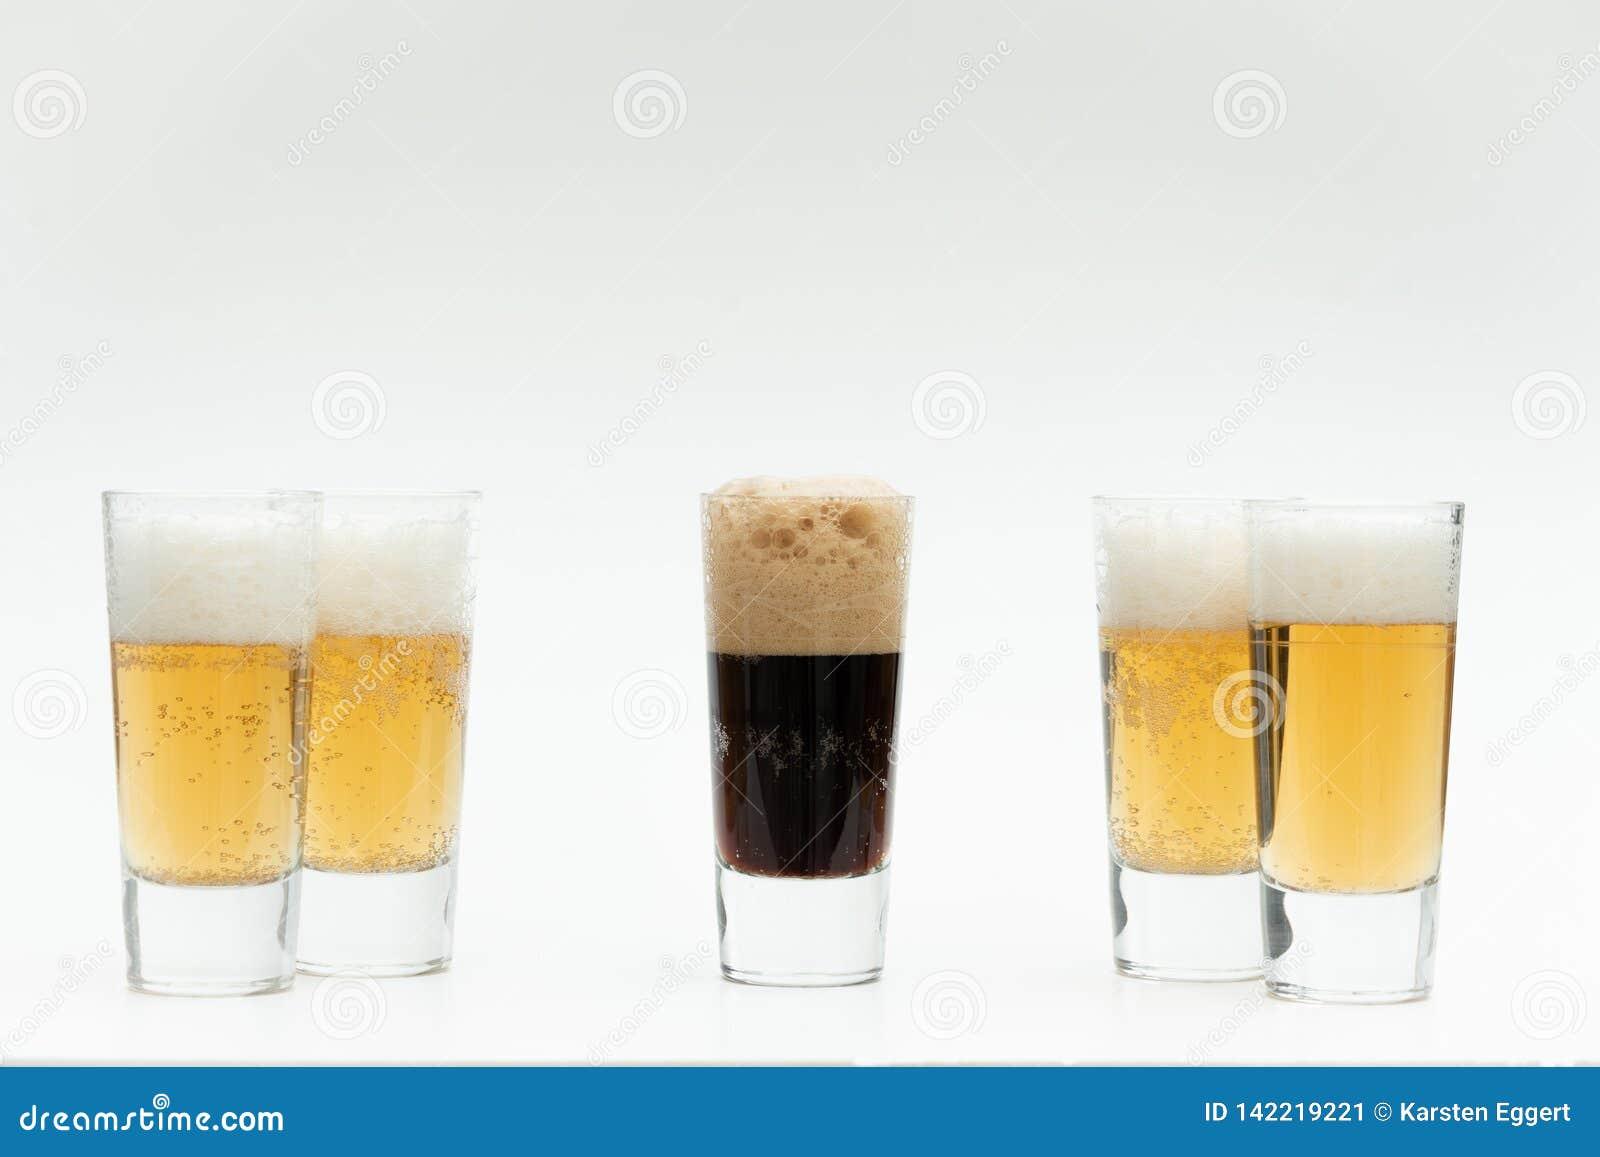 Οι διαφορετικοί τύποι μπυρών συμβολίζουν την ποικιλομορφία